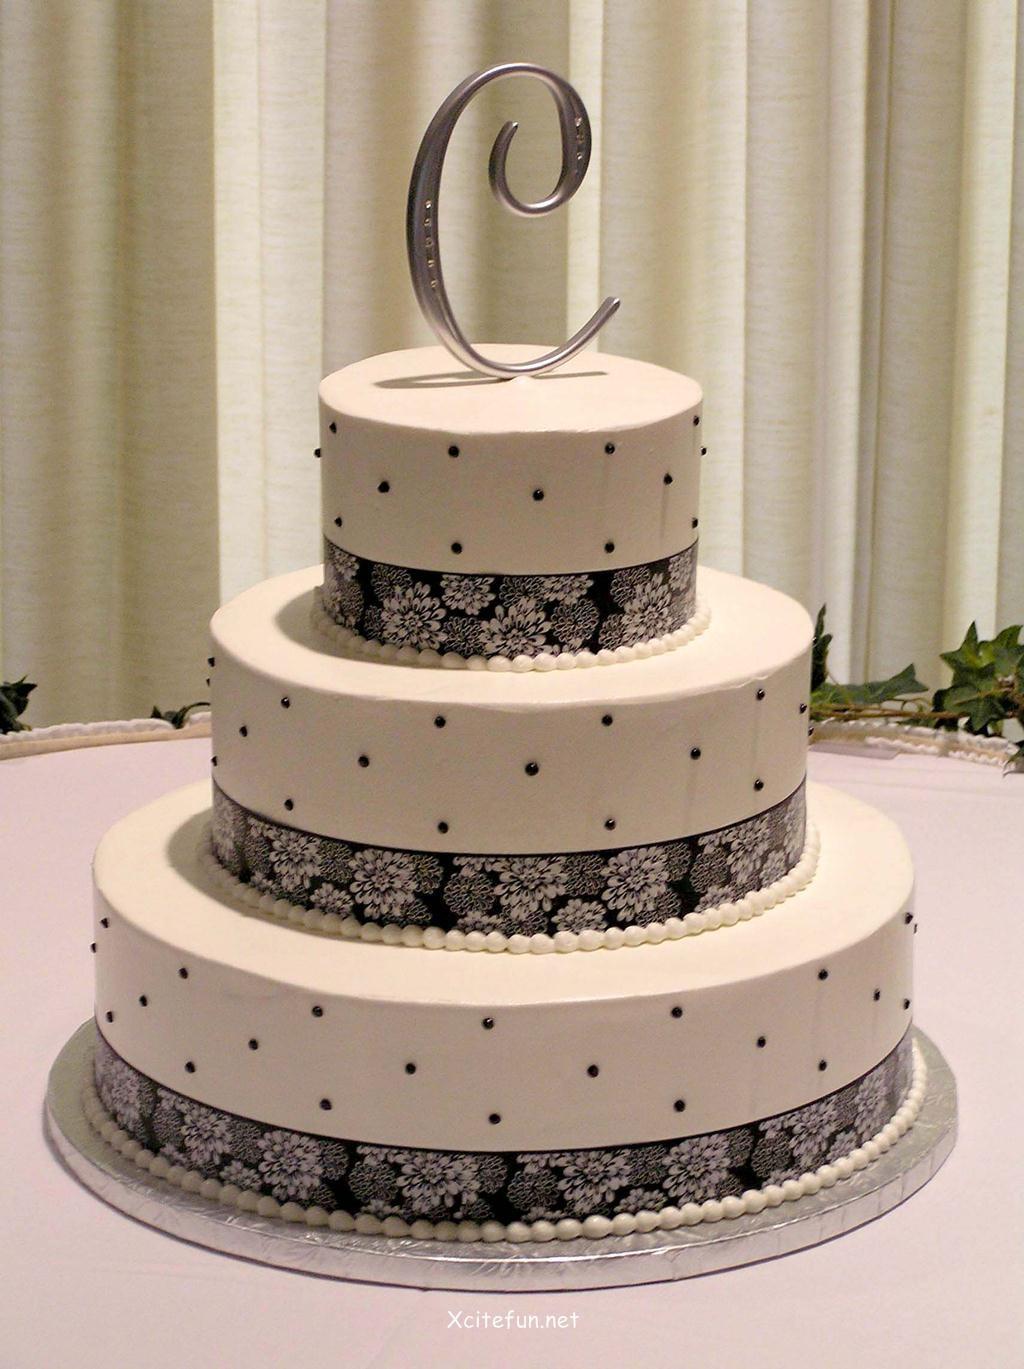 Wedding Cakes Ornaments  Wedding Cake Decorating Ideas